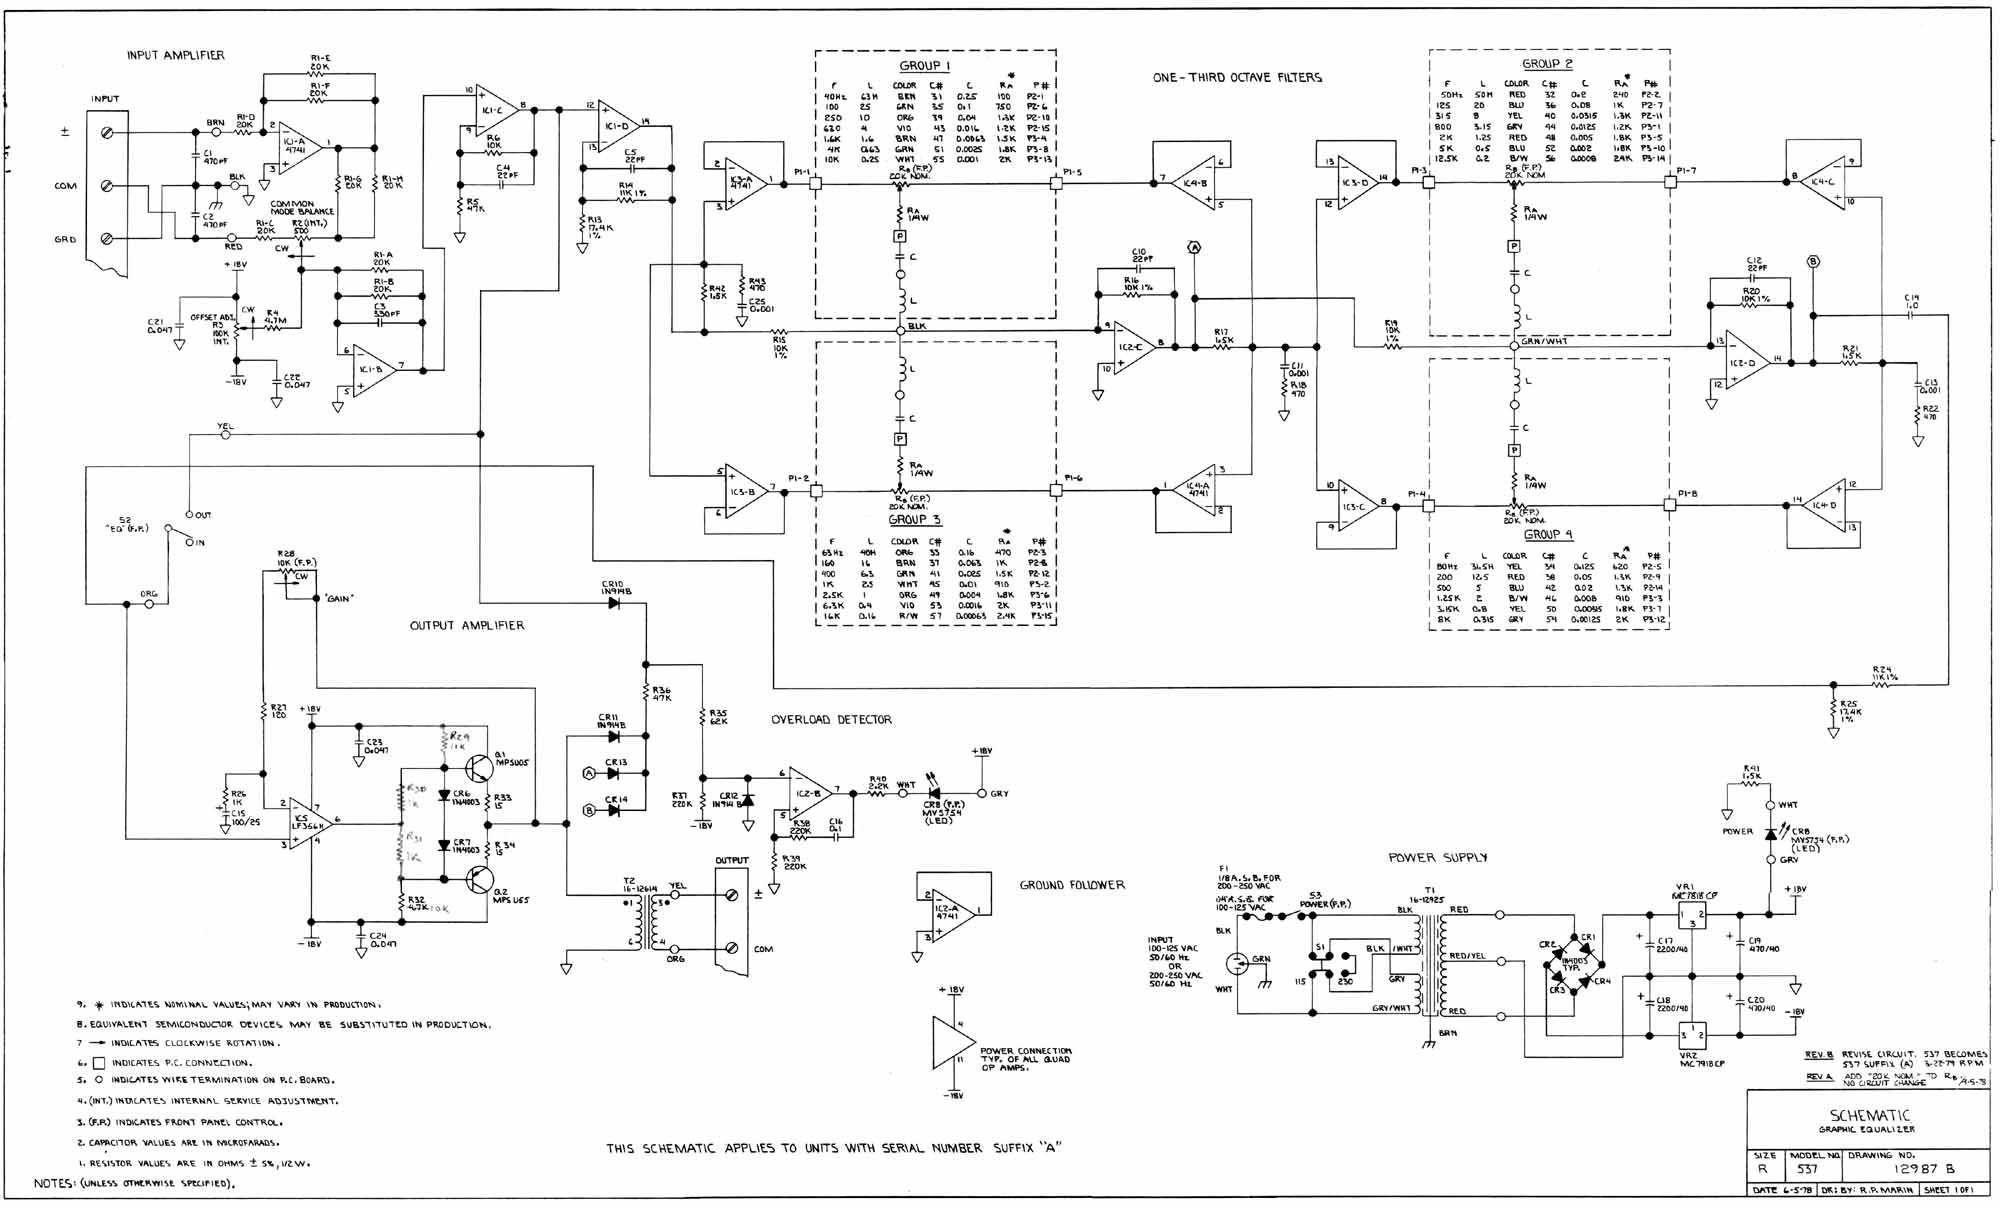 3 Way Active Crossover Schematic Diagram